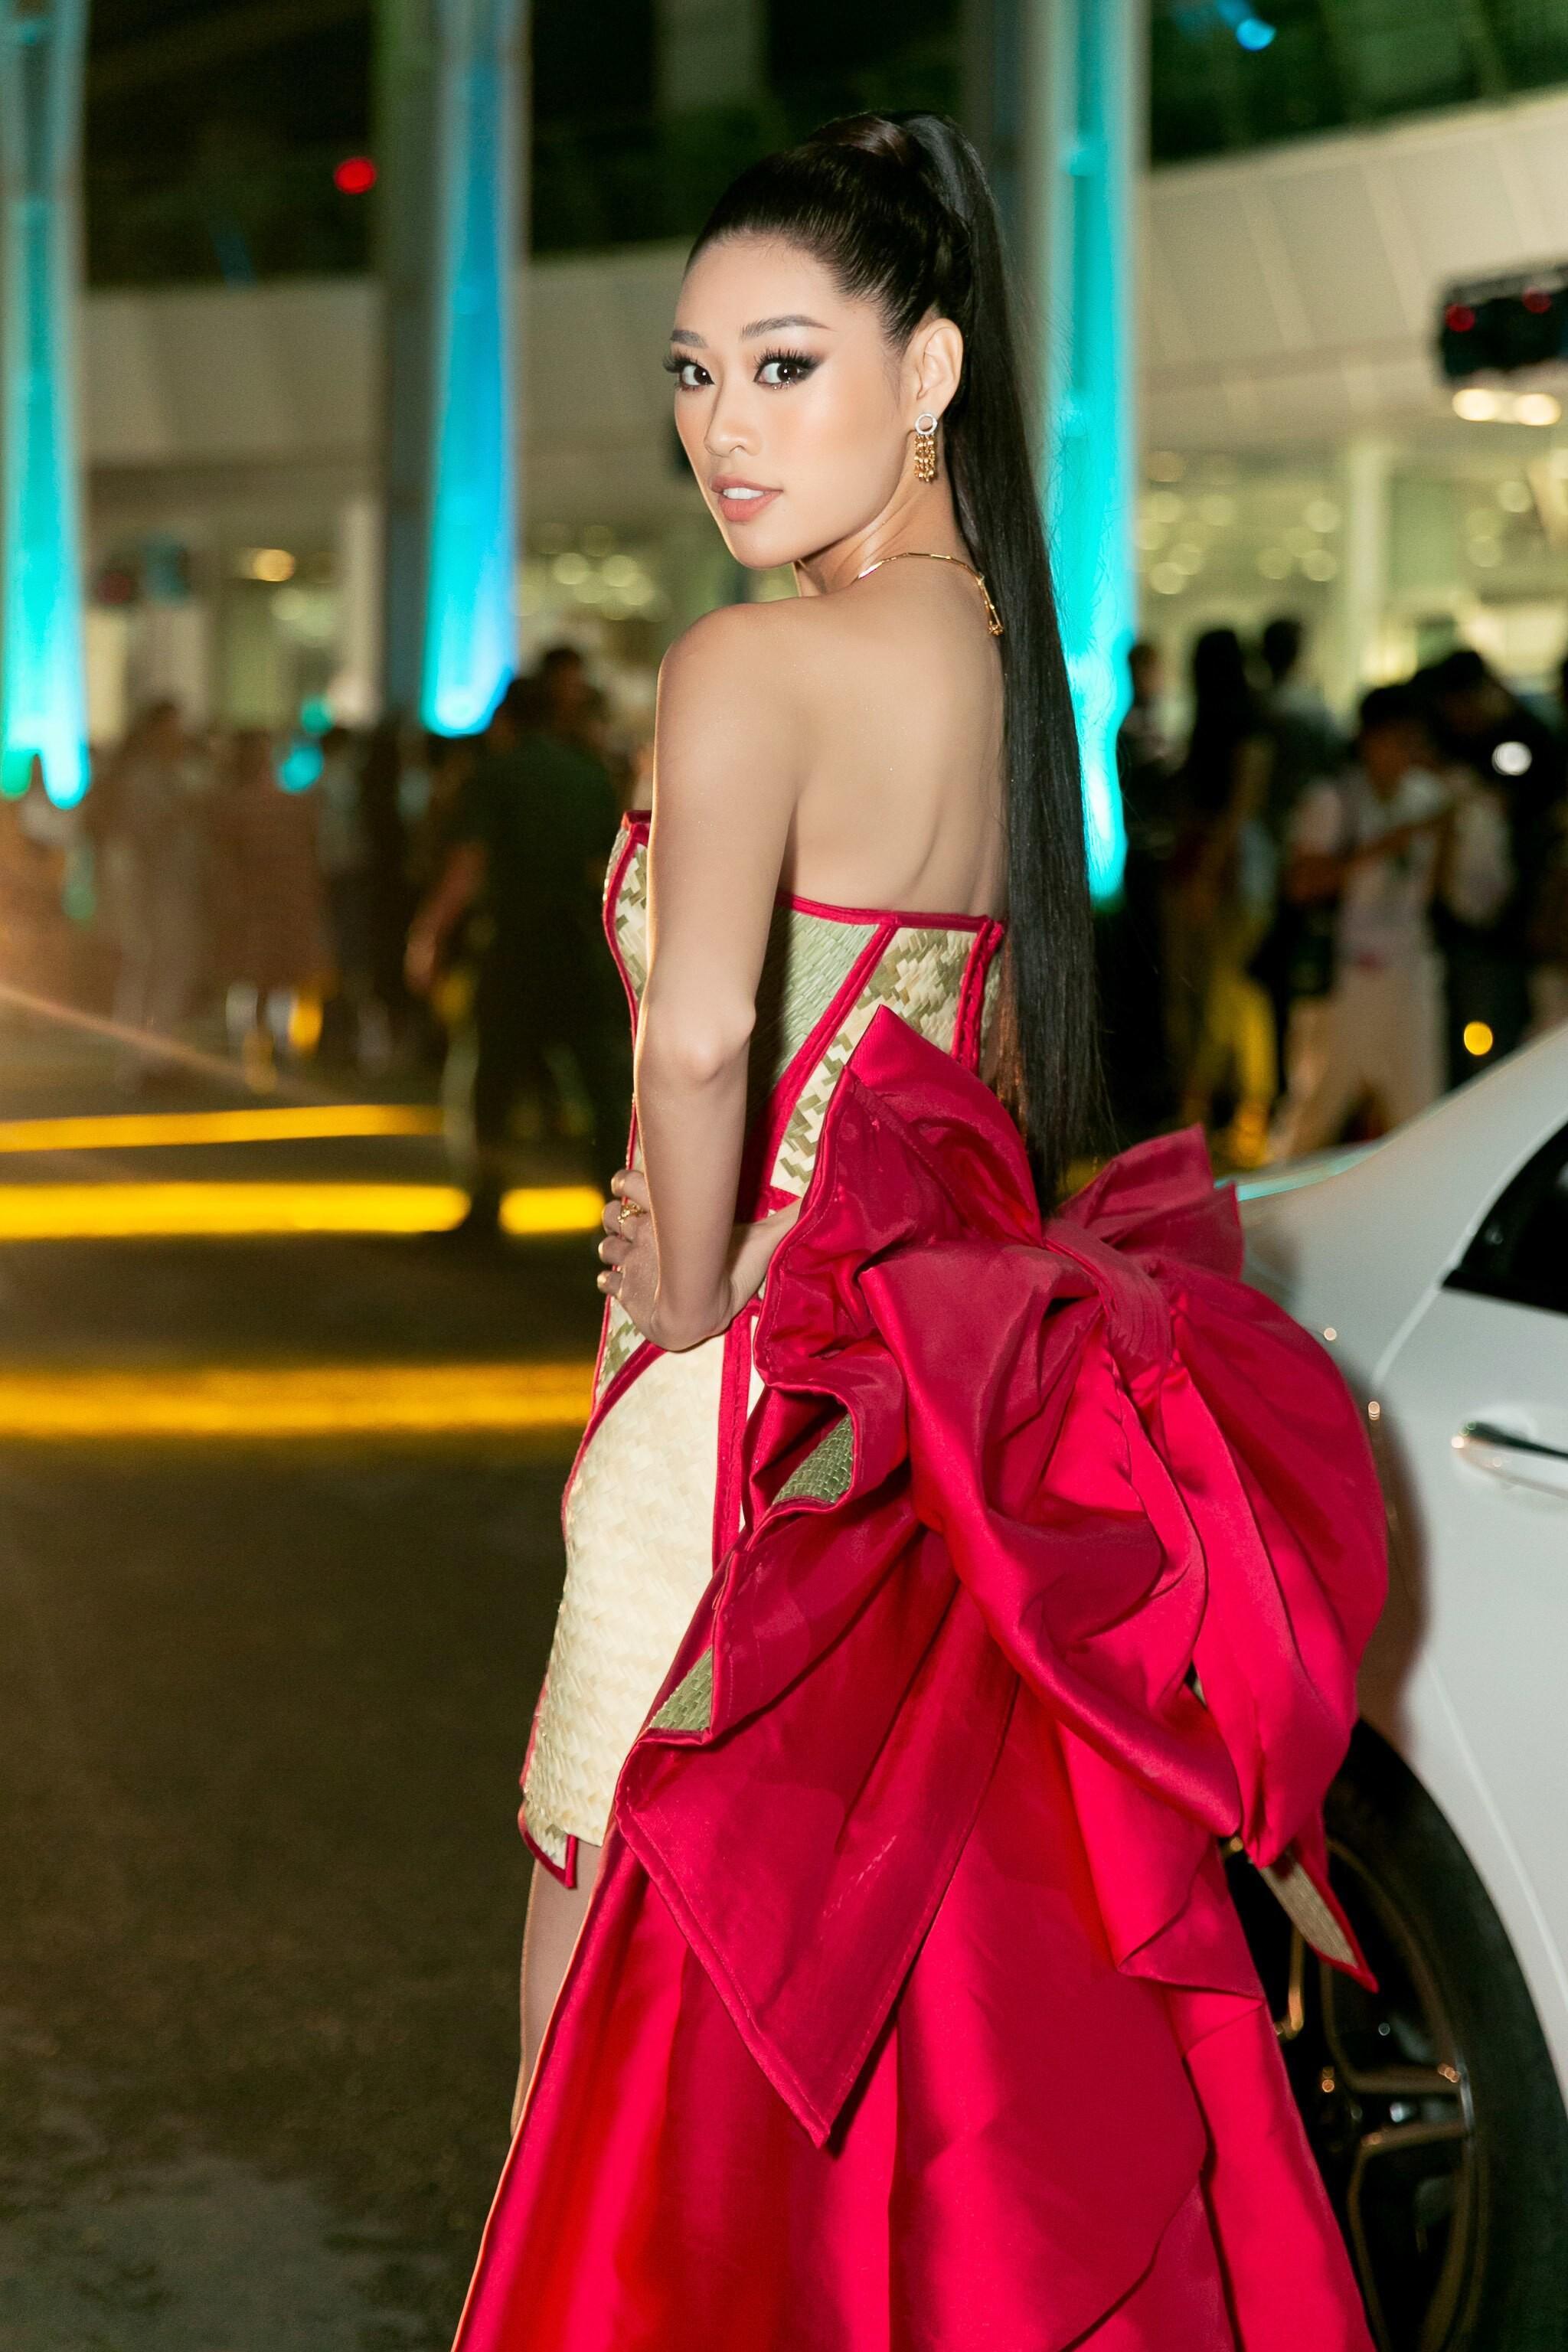 Hoa hậu Khánh Vân mang cả 'làng chiếu cói' lên thảm đỏ Ảnh 6